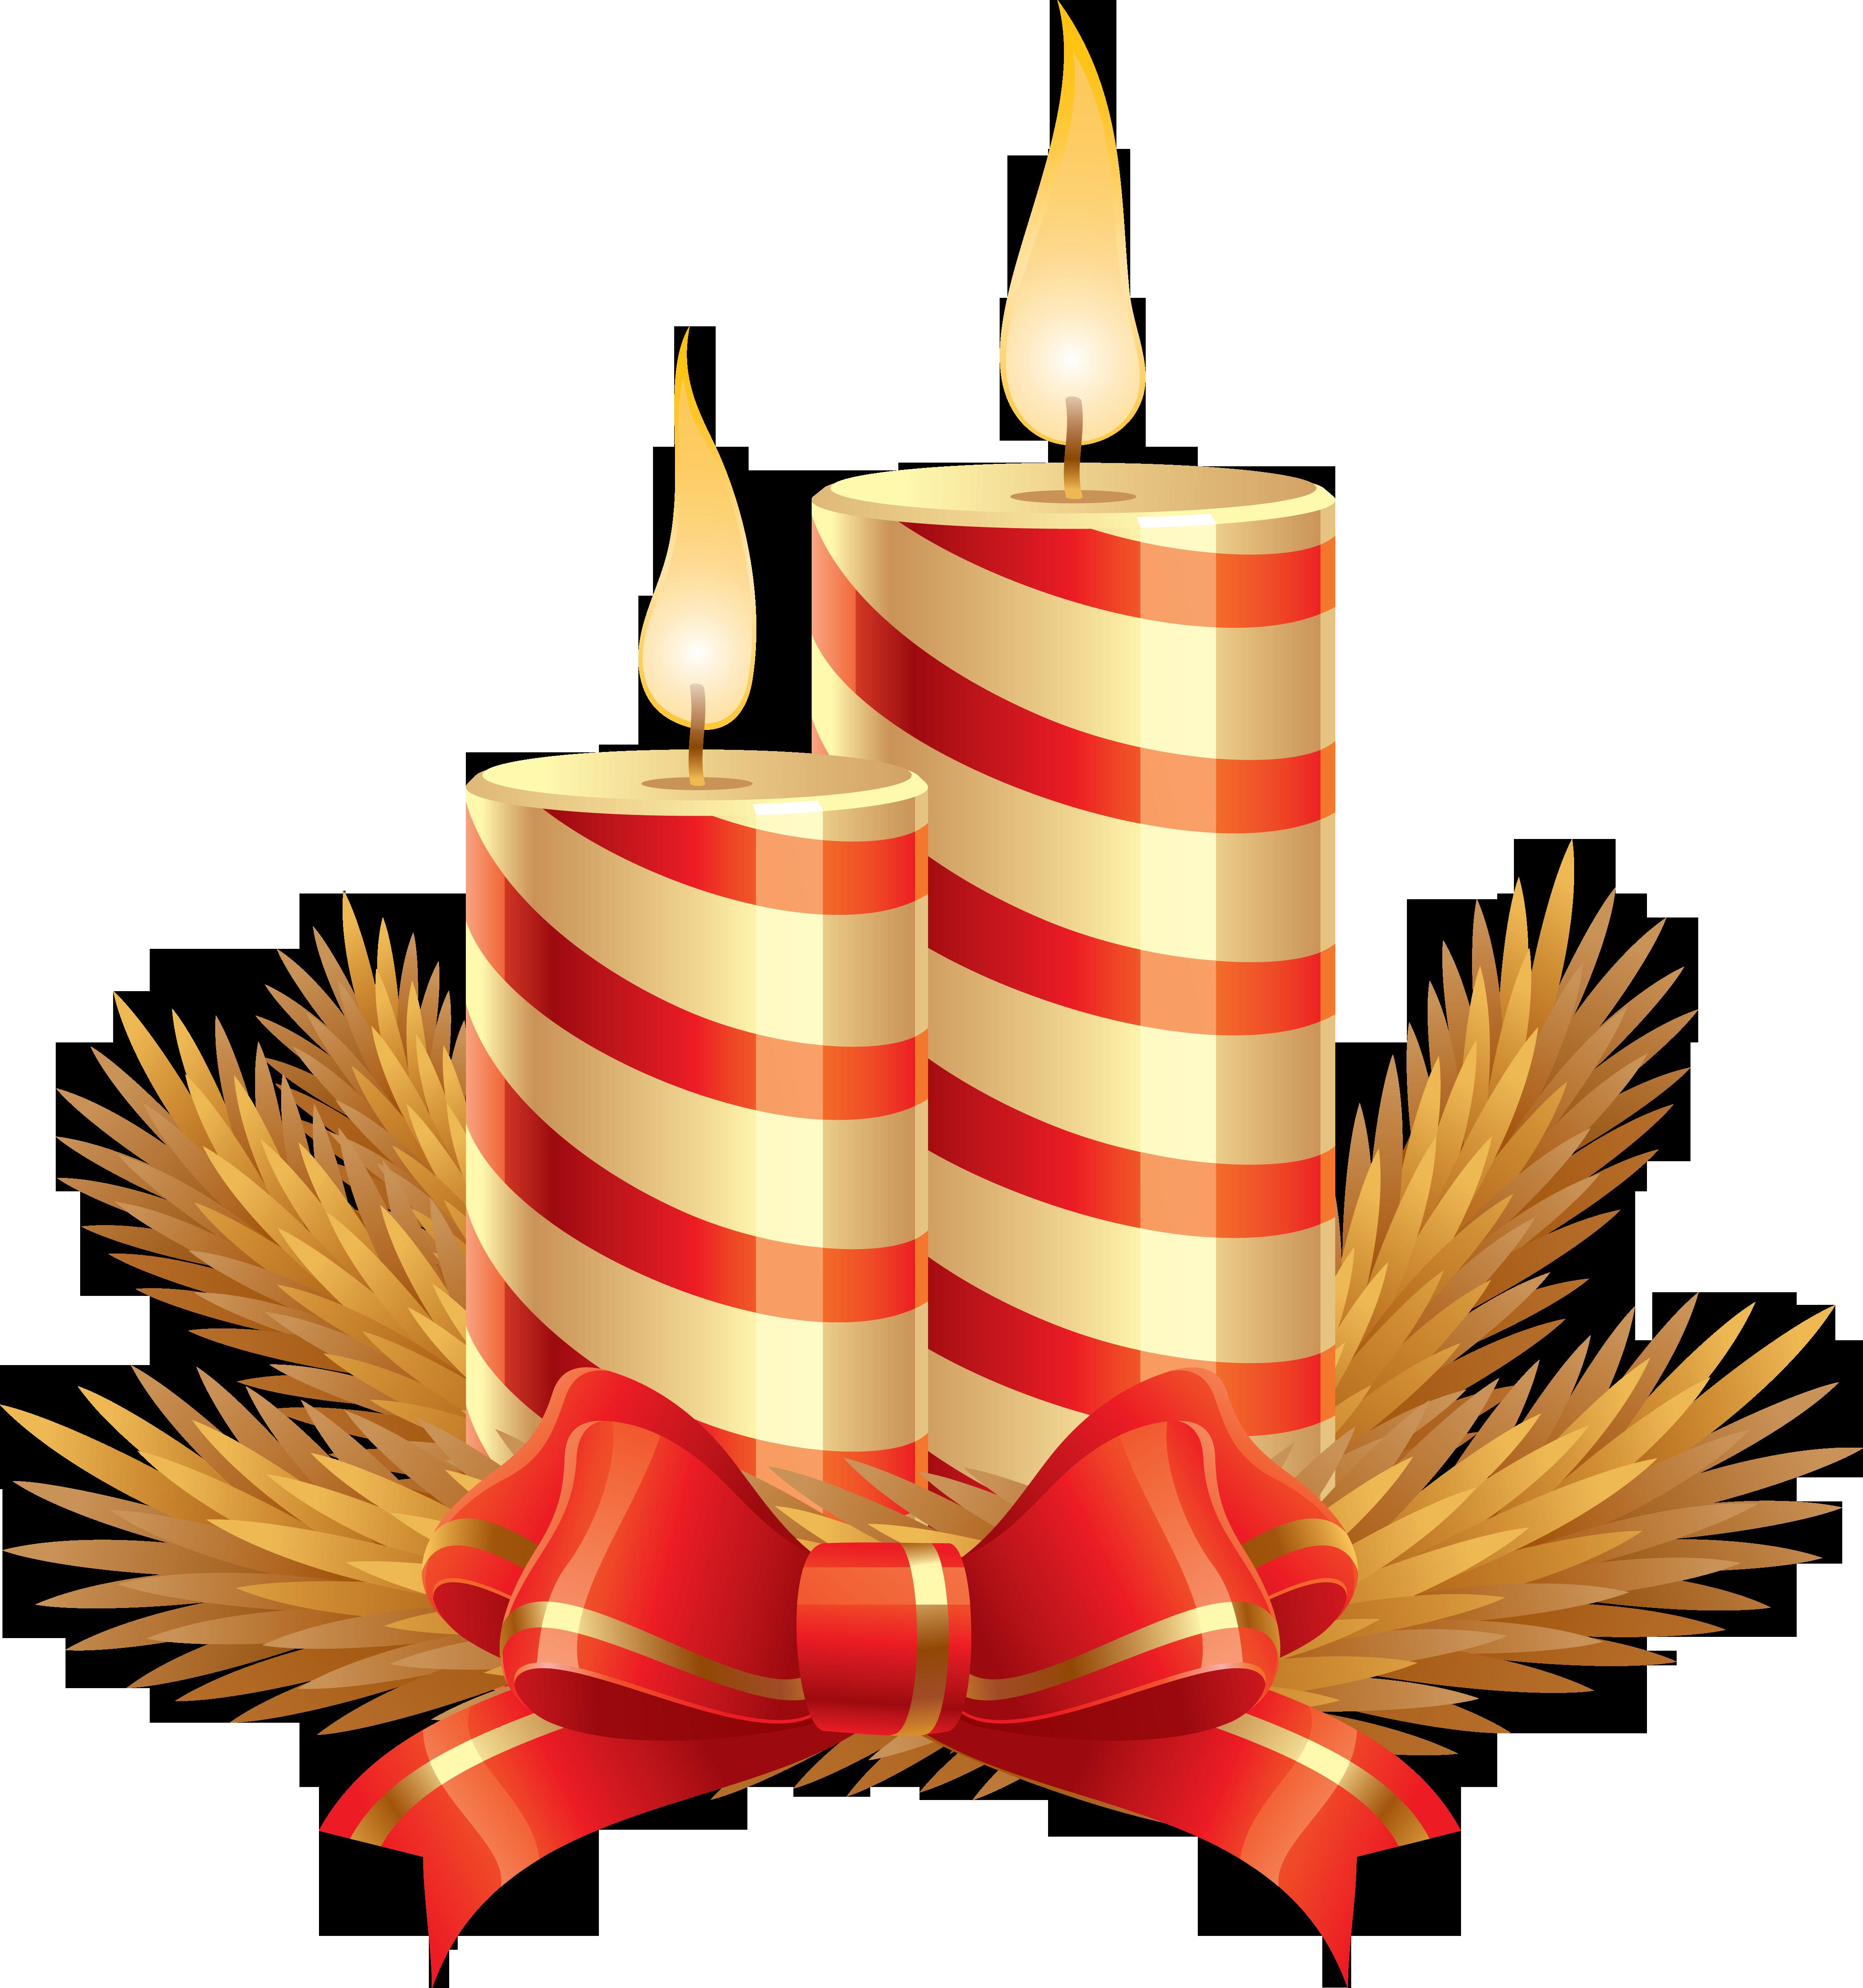 Картинки, рождественская свеча картинки нарисованные